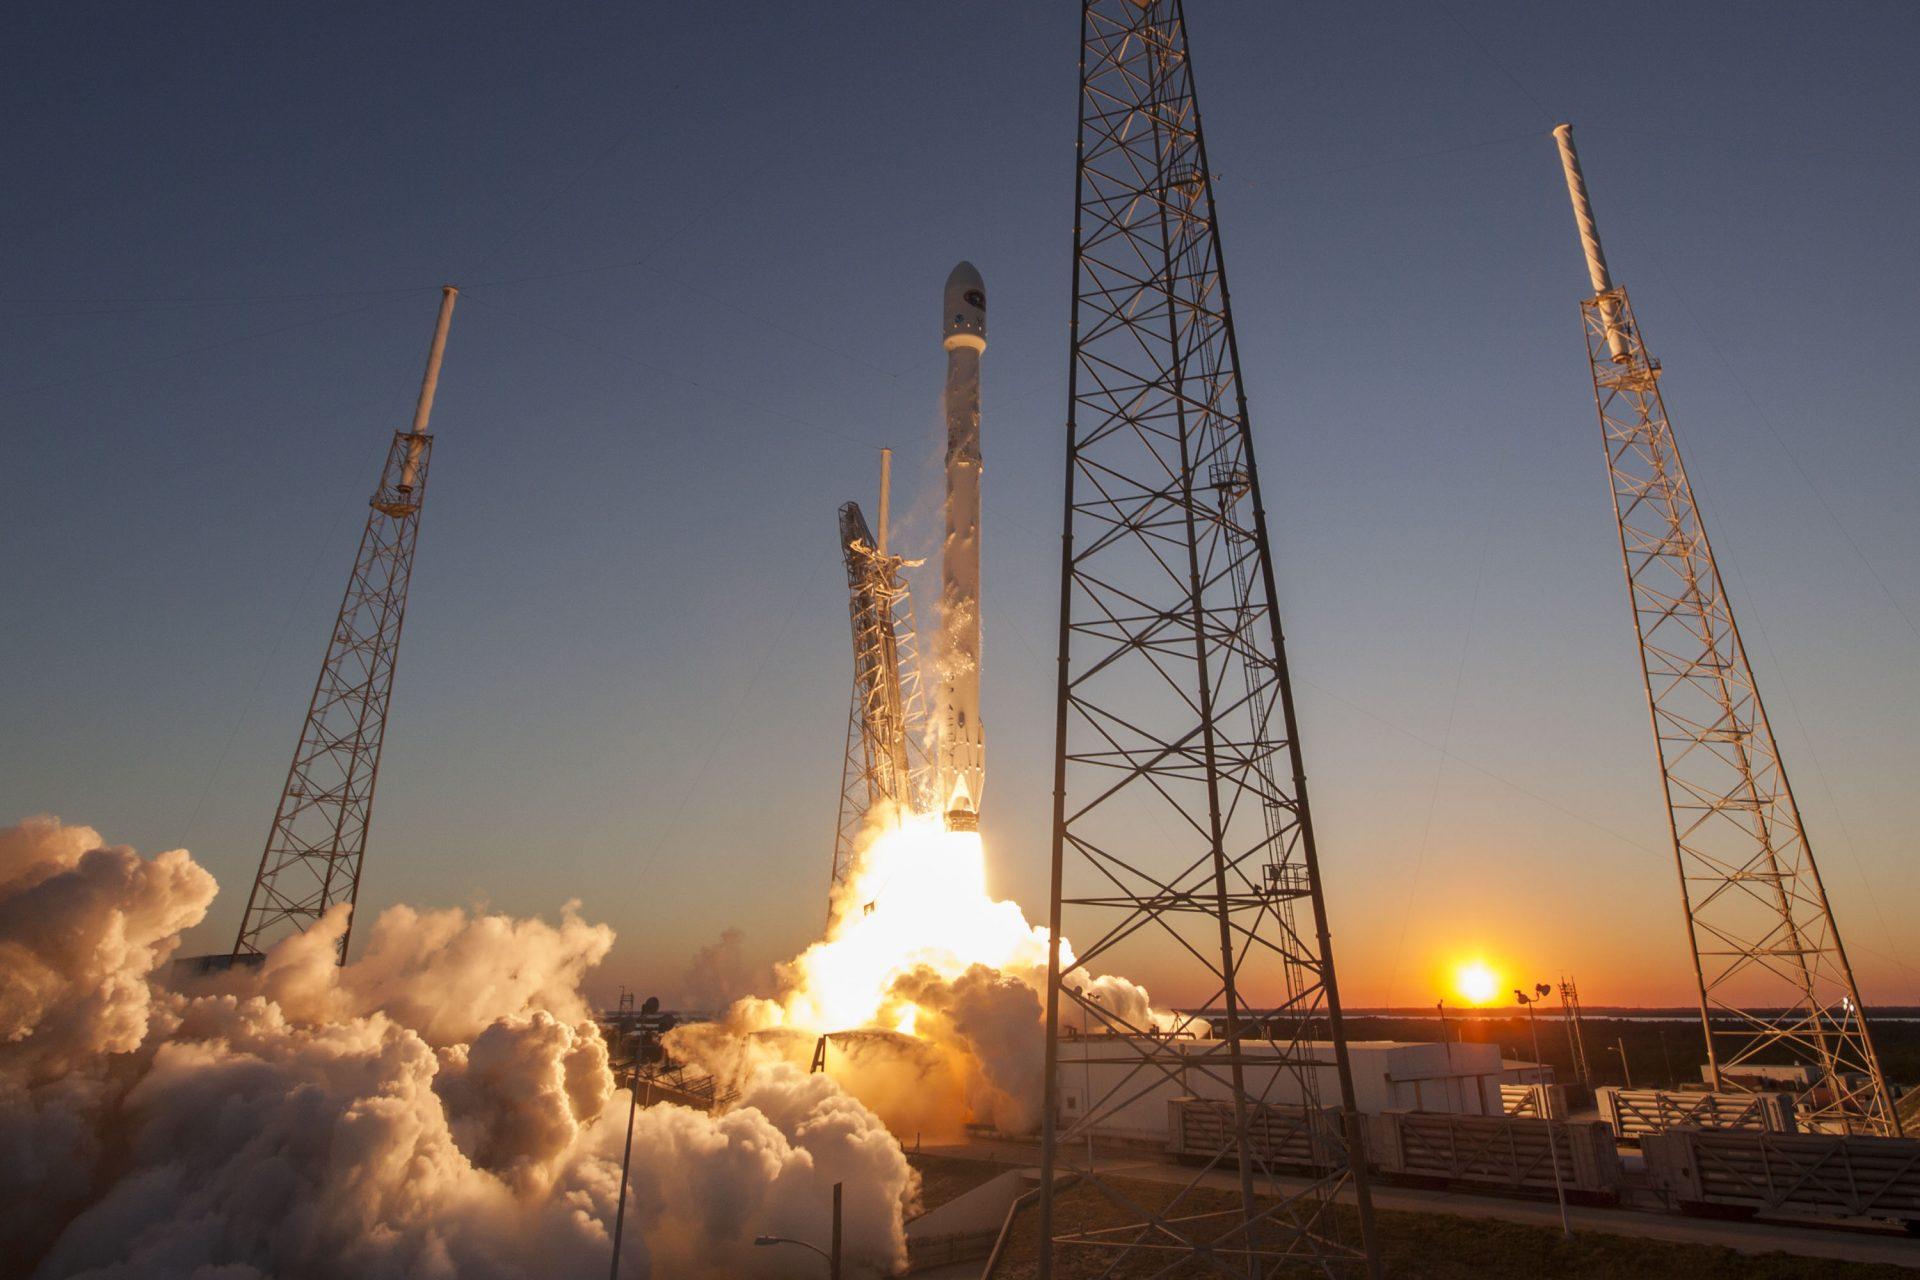 В SpaceX поменяют название ракеты на Starship